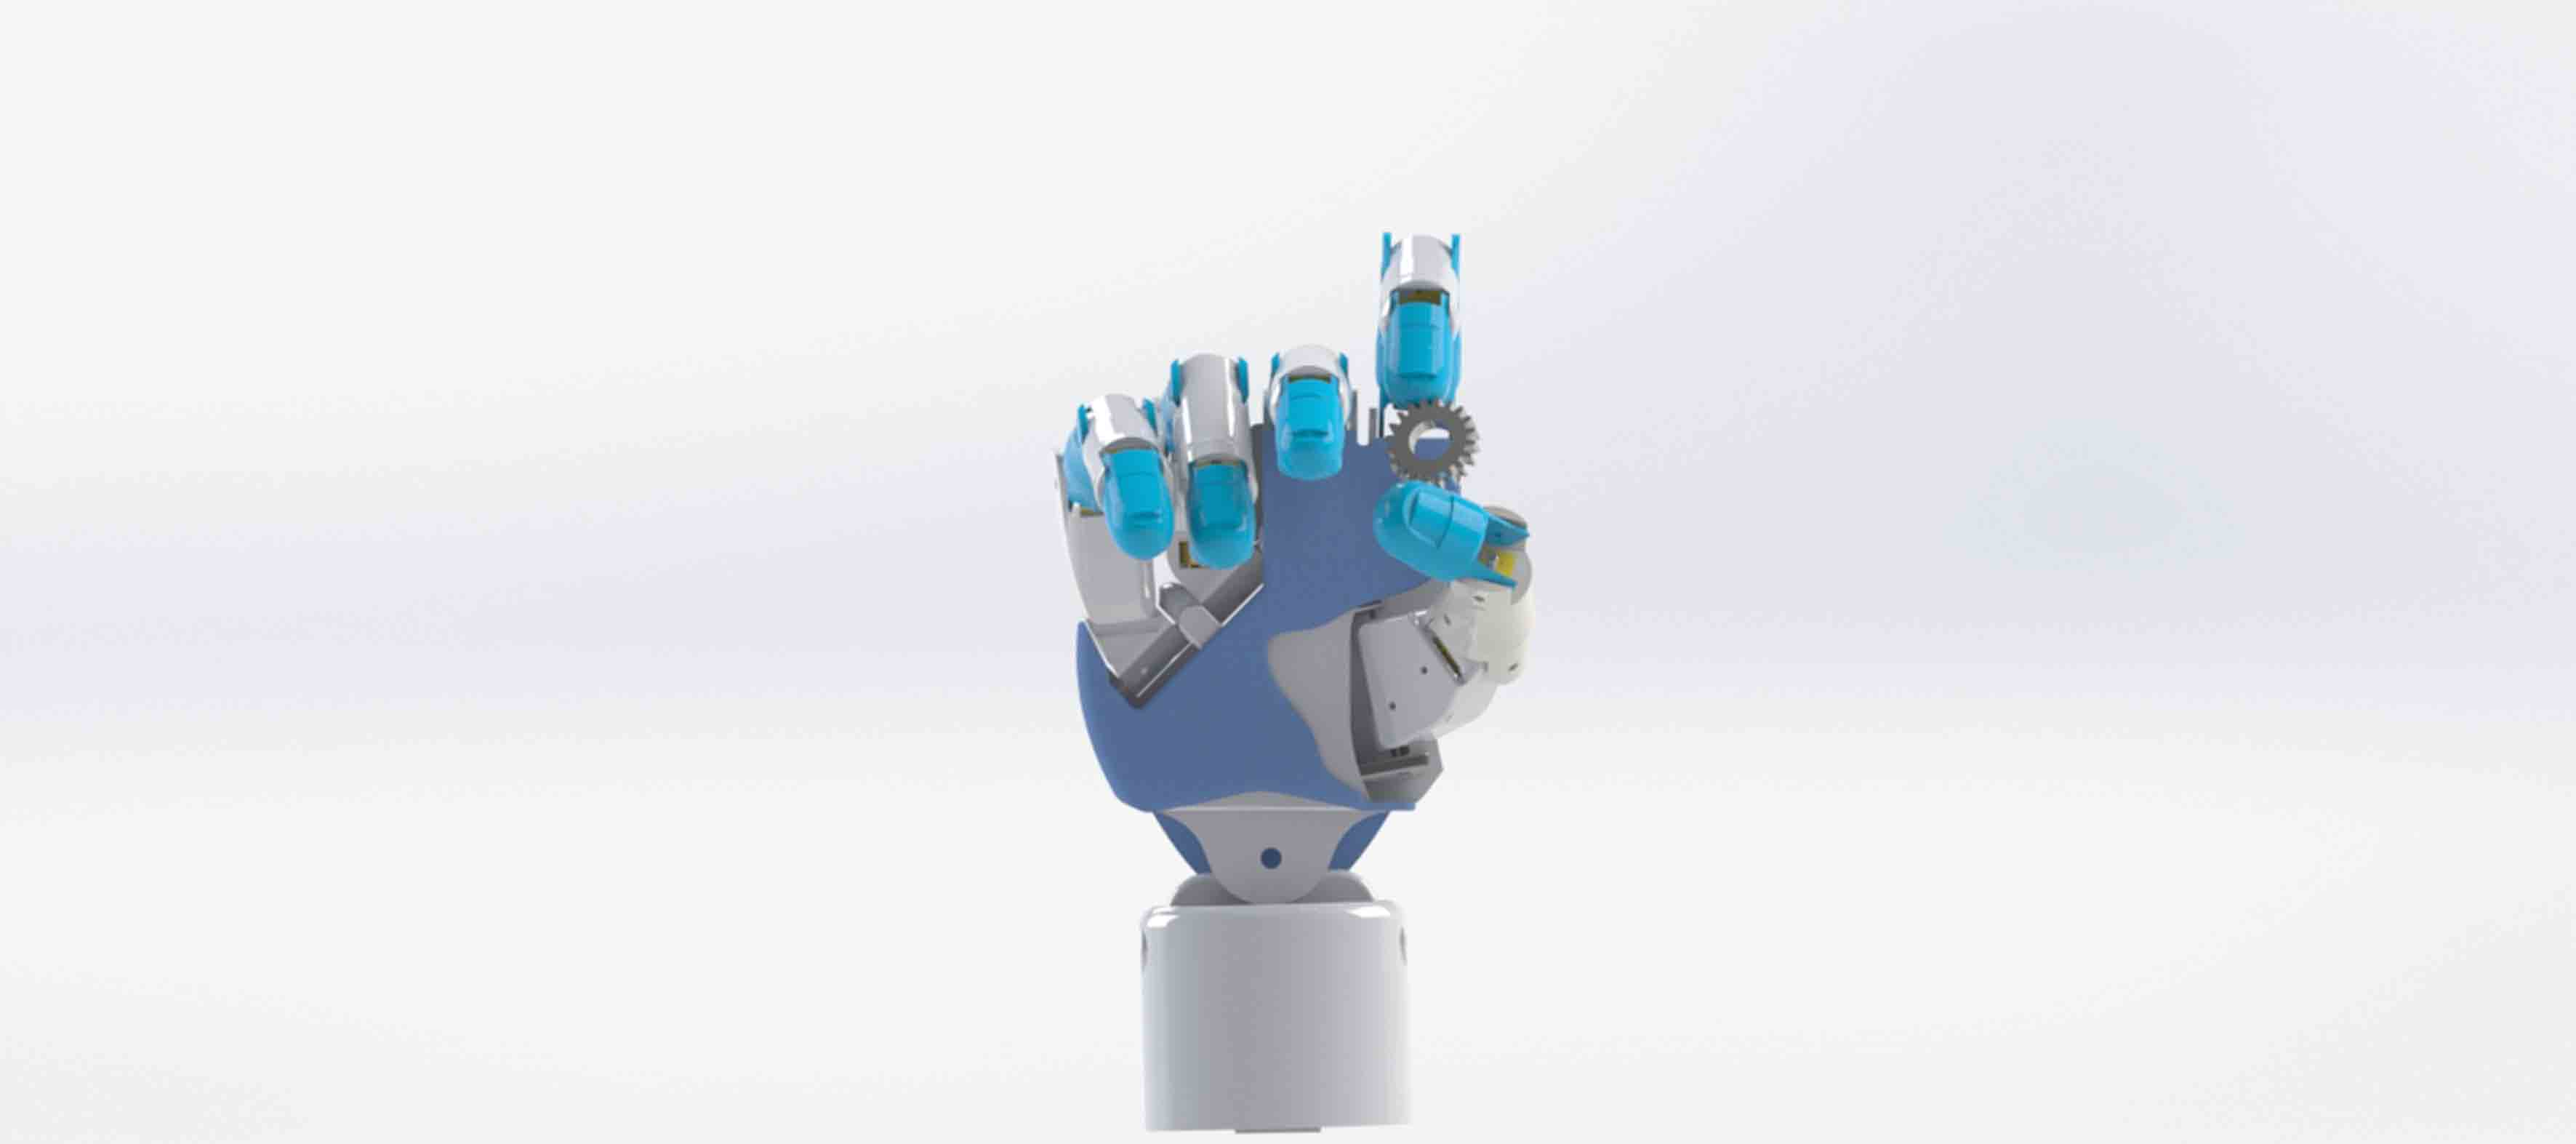 Diseño de la prótesis robótica de mano, mostrando su flexibilidad al sujetar un engrane pequeño y redondo entre sus dedos pulgar y anular.